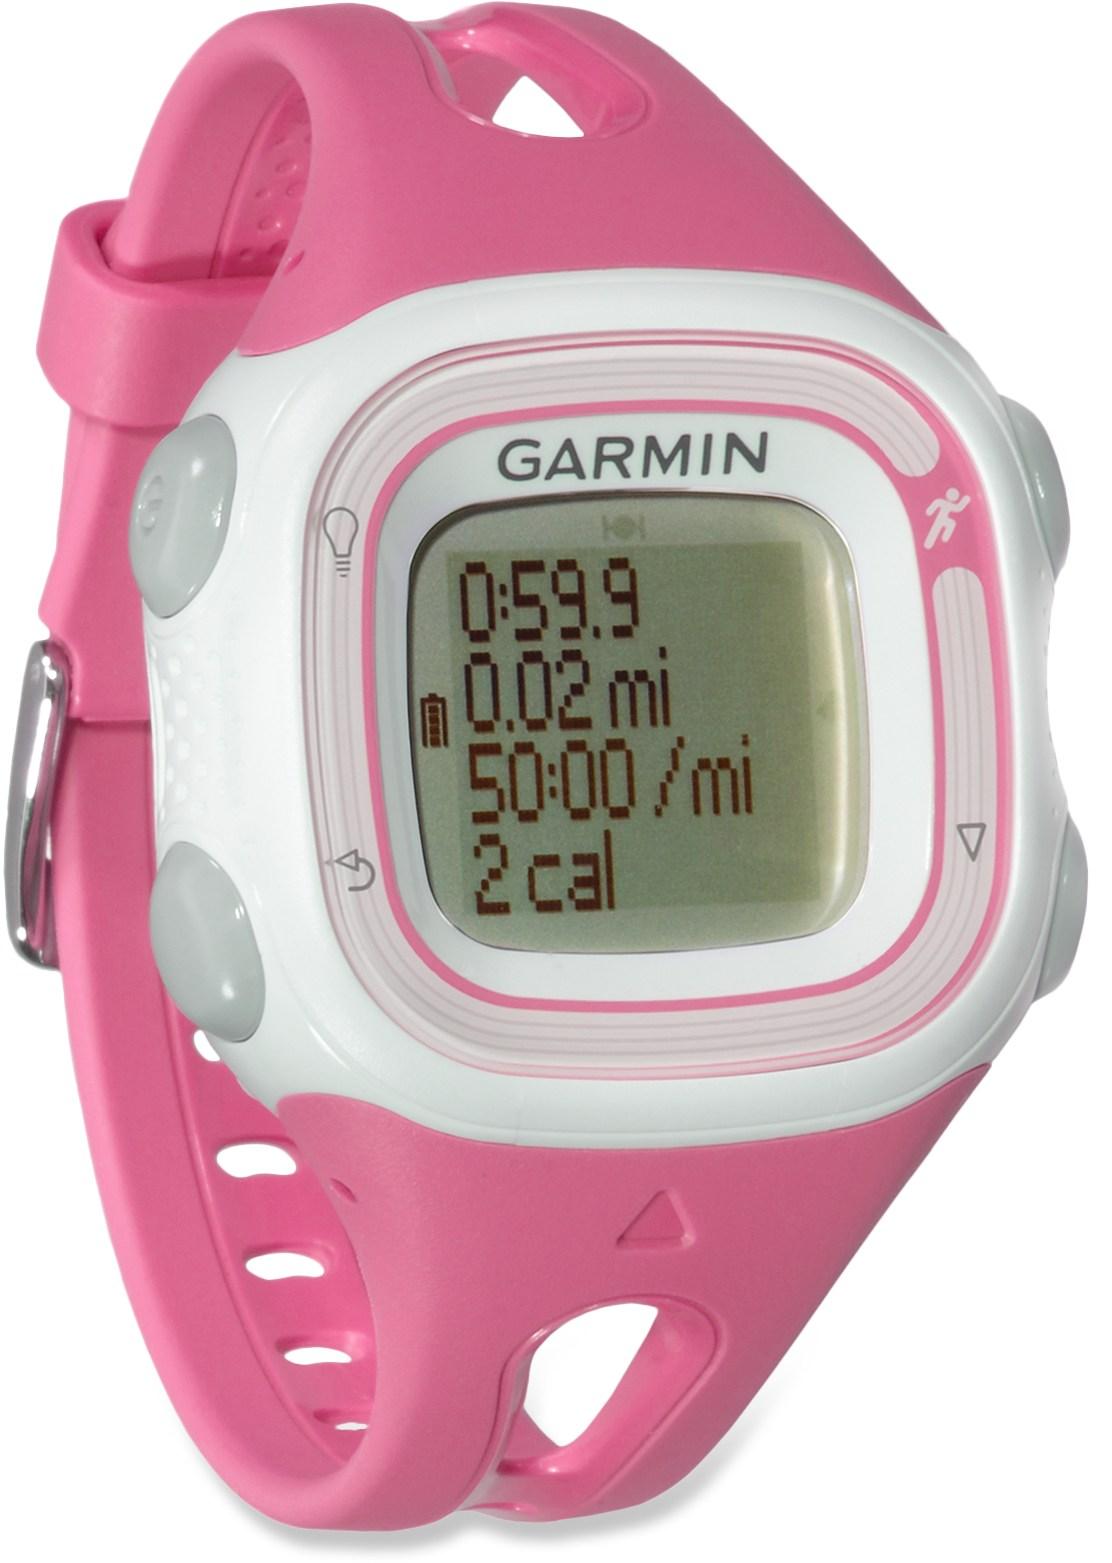 Garmin Forerunner 10 GPS Fitness Monitor